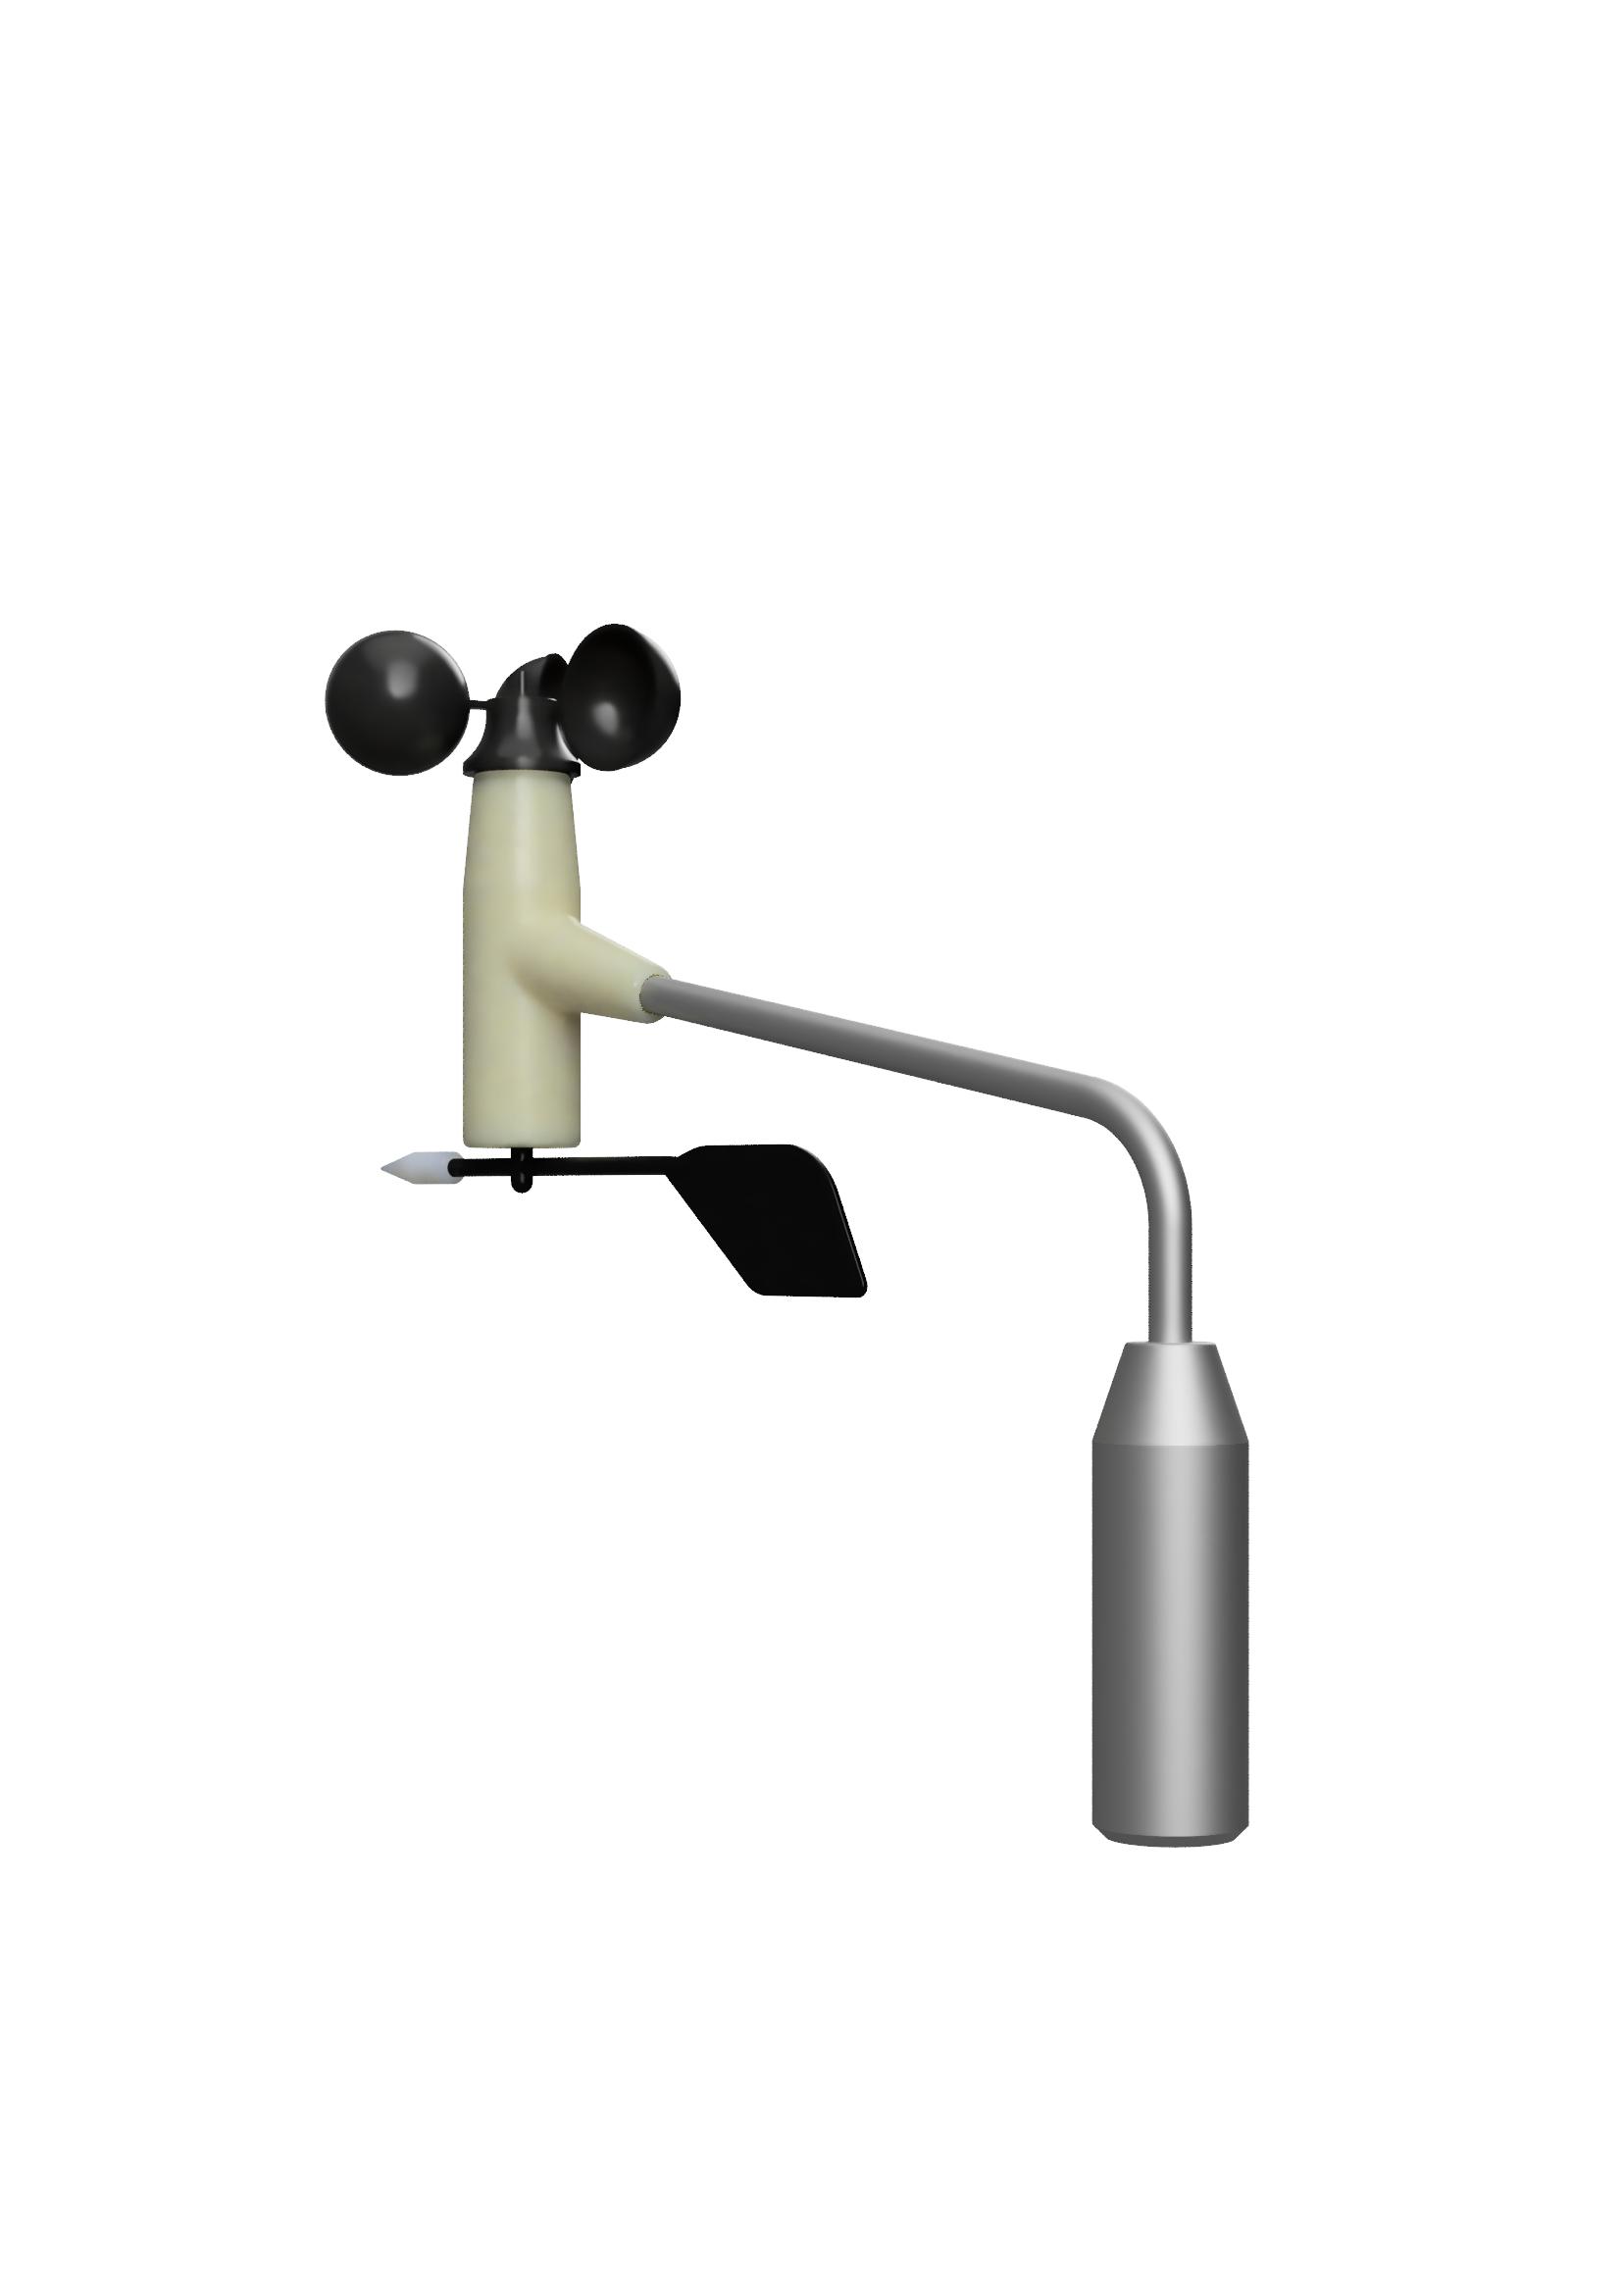 Meteofühler für Windgeschwindigkeit und Windrichtung (Alugehäuse) Windgeschw. mit Spannungsausgang / 0 - 2,1 V  Typ: f.566.2.29 mit Heizung